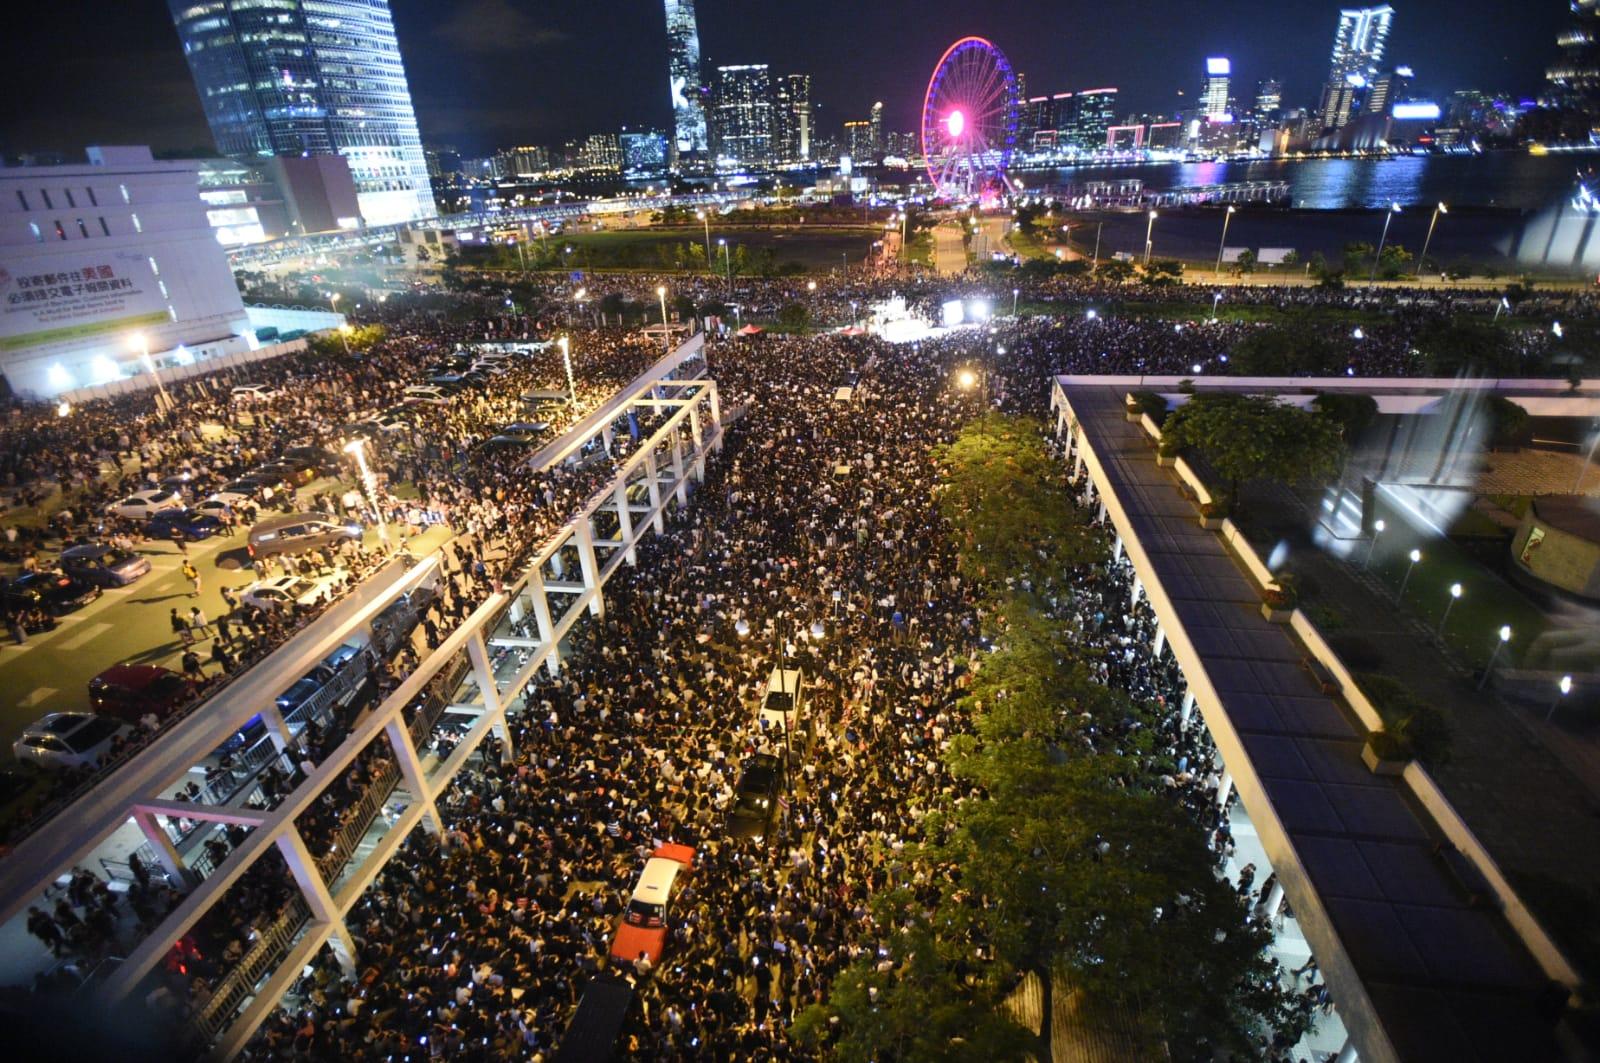 入夜後大批市民聚集。